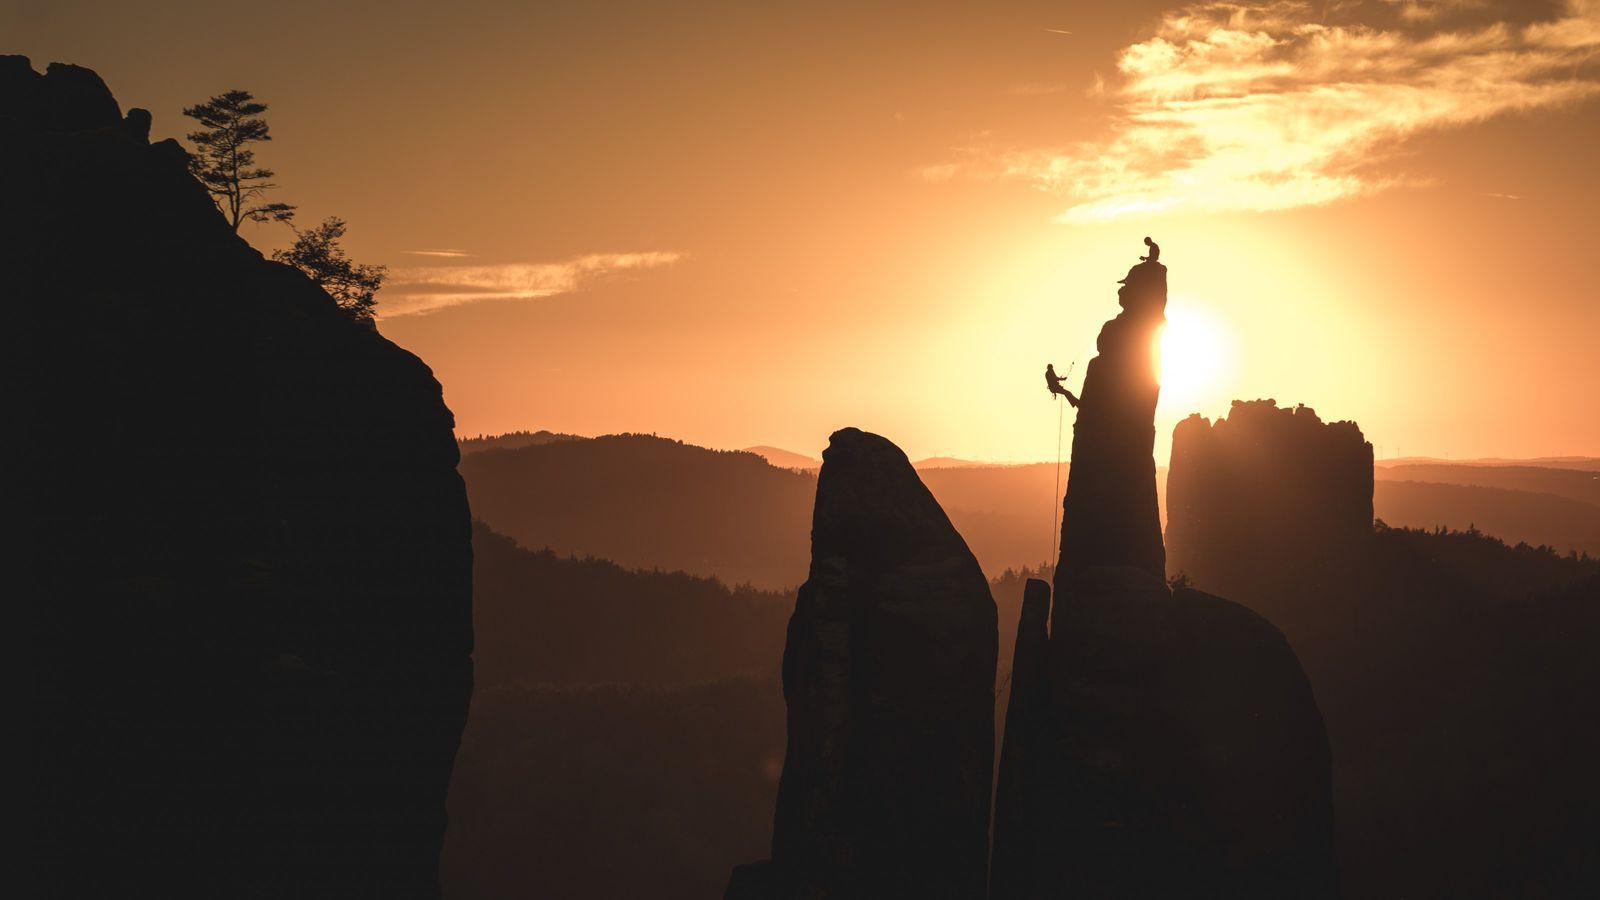 Bei Kletterern ist die Sächsische Schweiz ein beliebtes Ausflugsziel, allerdings gibt es einiges zu beachten: Chalk ...